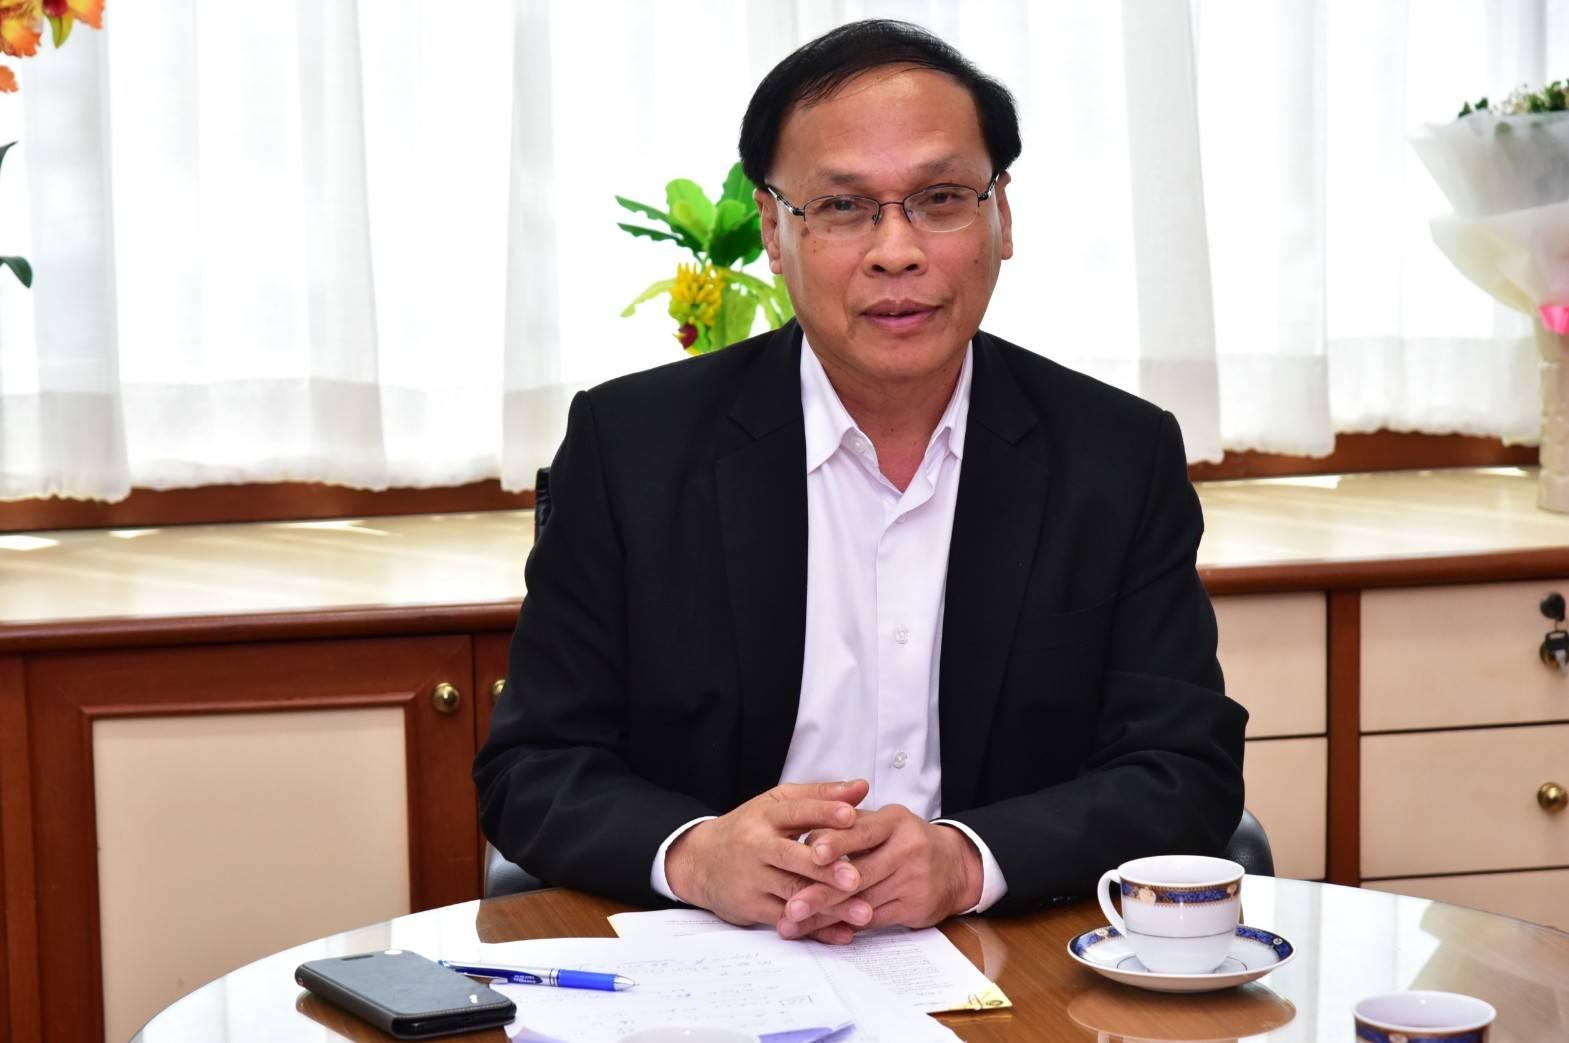 รองอธิบดีกรมการจัดหางาน ต้อนรับรองอธิบดีกรมการกงสุล เพื่อหารือเรื่องแรงงานไทยที่อุซเบกิสถาน